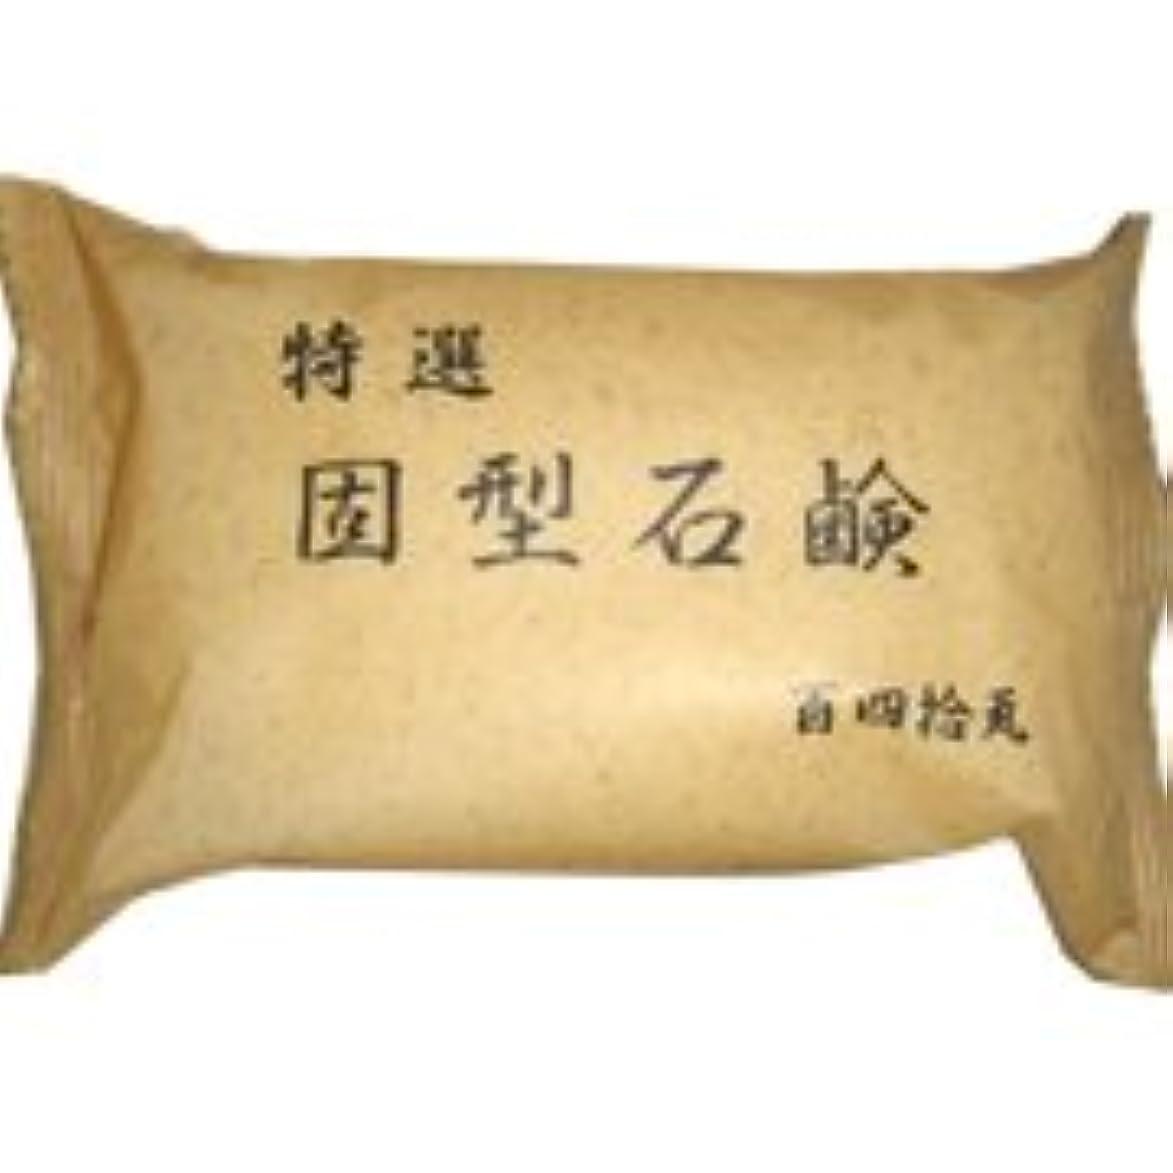 特選 固型石鹸 140g    エスケー石鹸